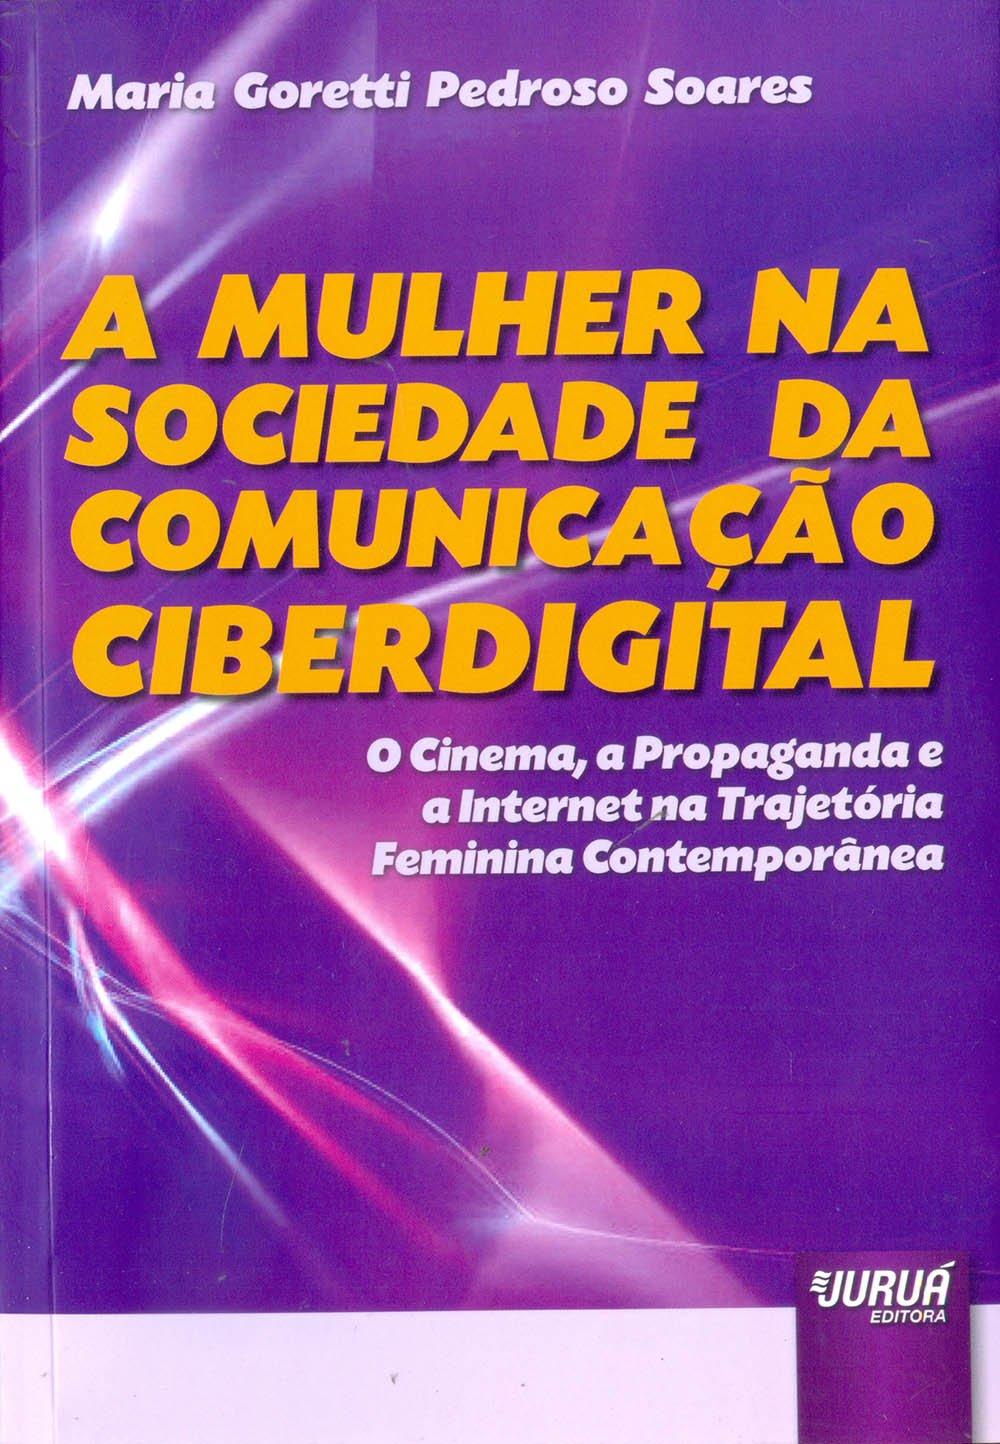 A Mulher na Sociedade da Comunicação Ciberdigital ebook